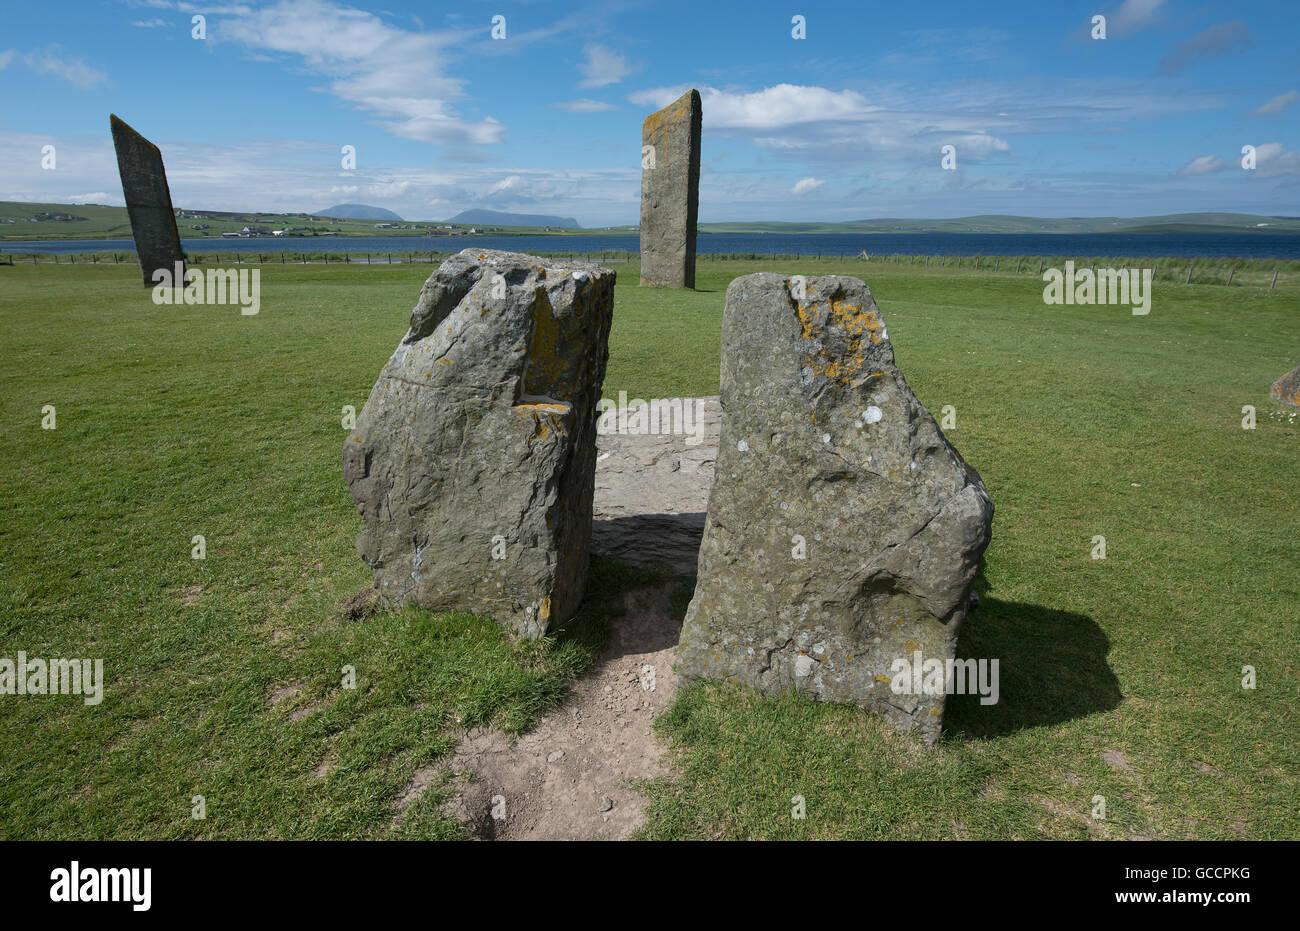 Stenness Standing Stones dentro del sitio del Patrimonio Mundial de la UNESCO, Heart of Neolithic Orkney. 10,594 de la SCO. Foto de stock